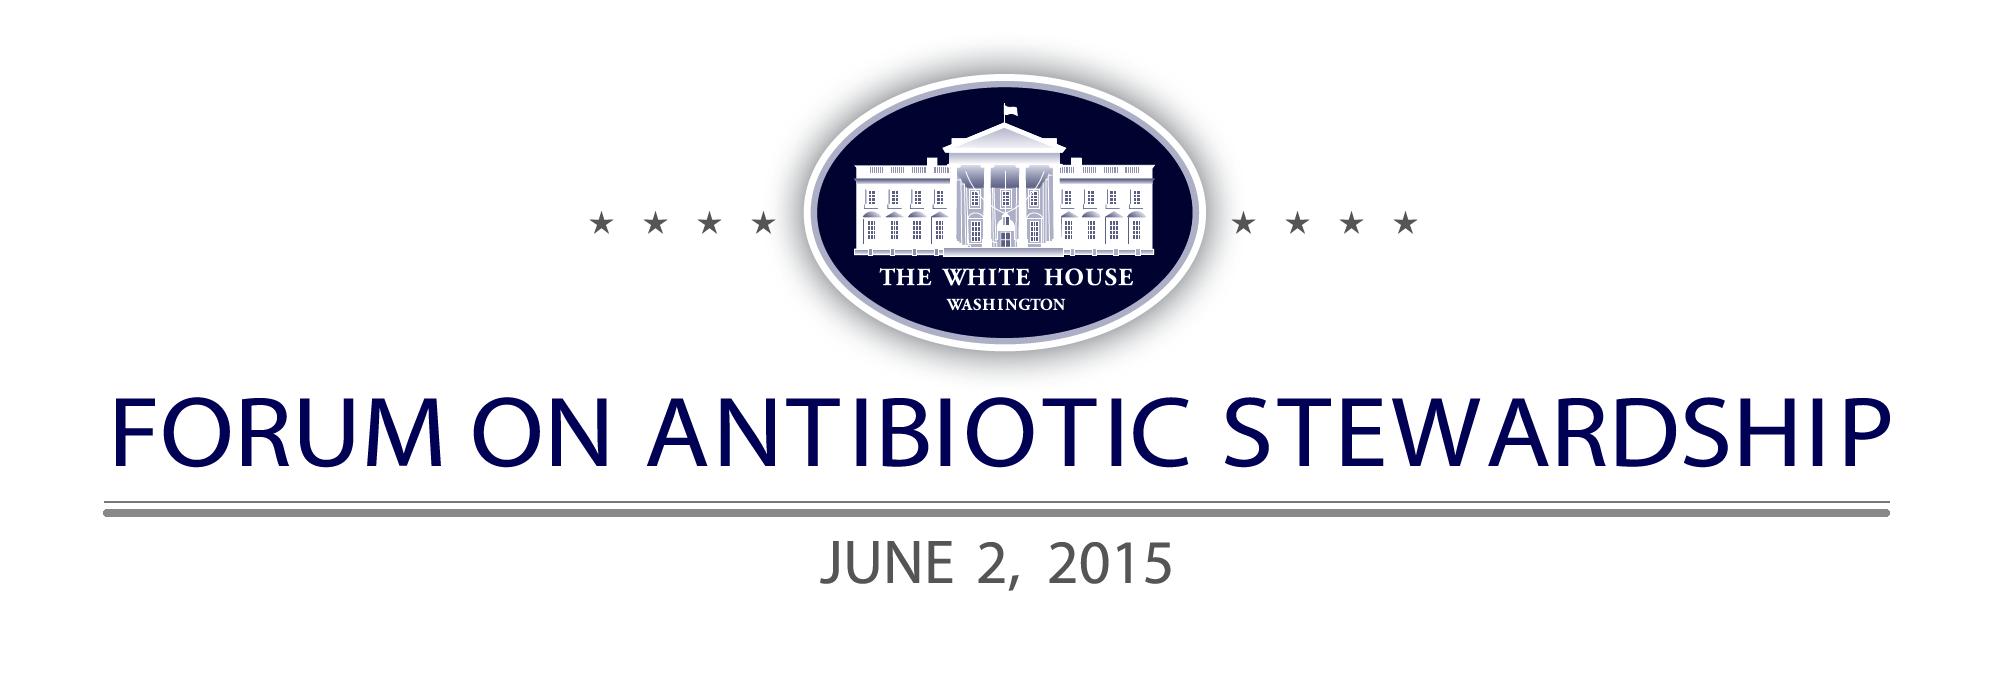 White House forum